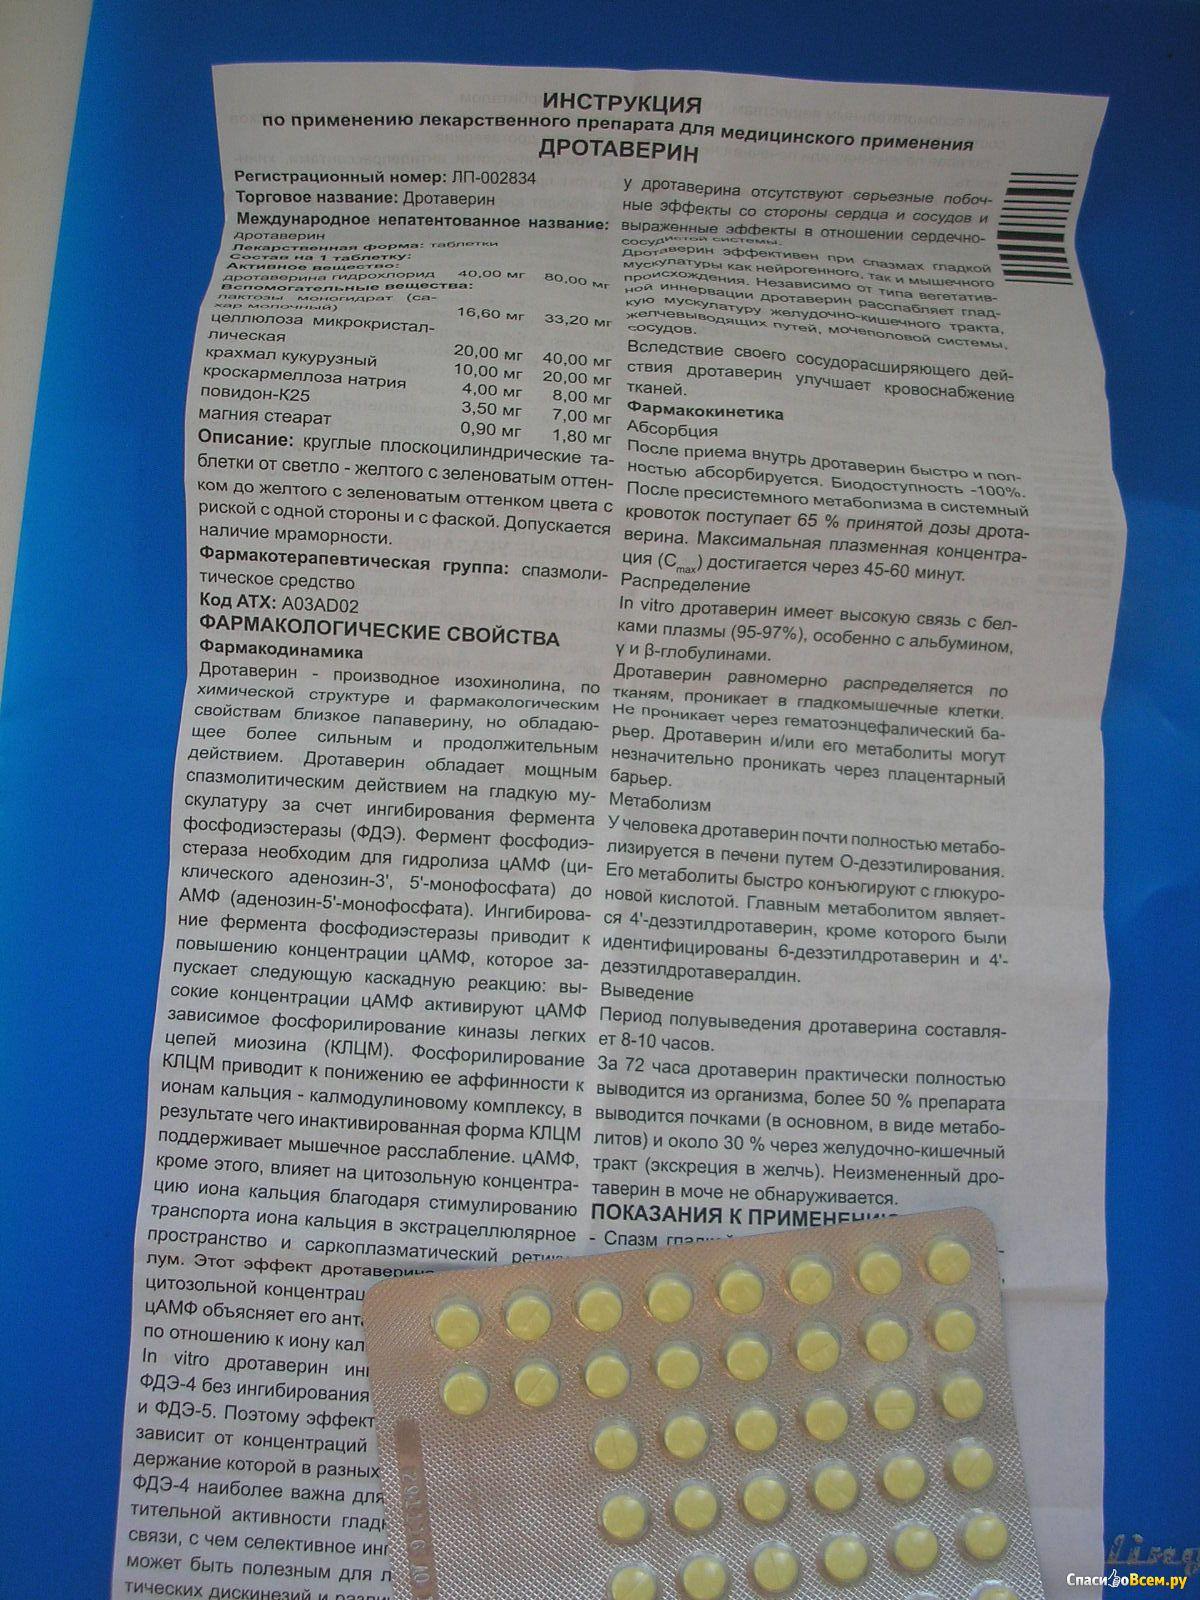 дротаверин инструкция по применению